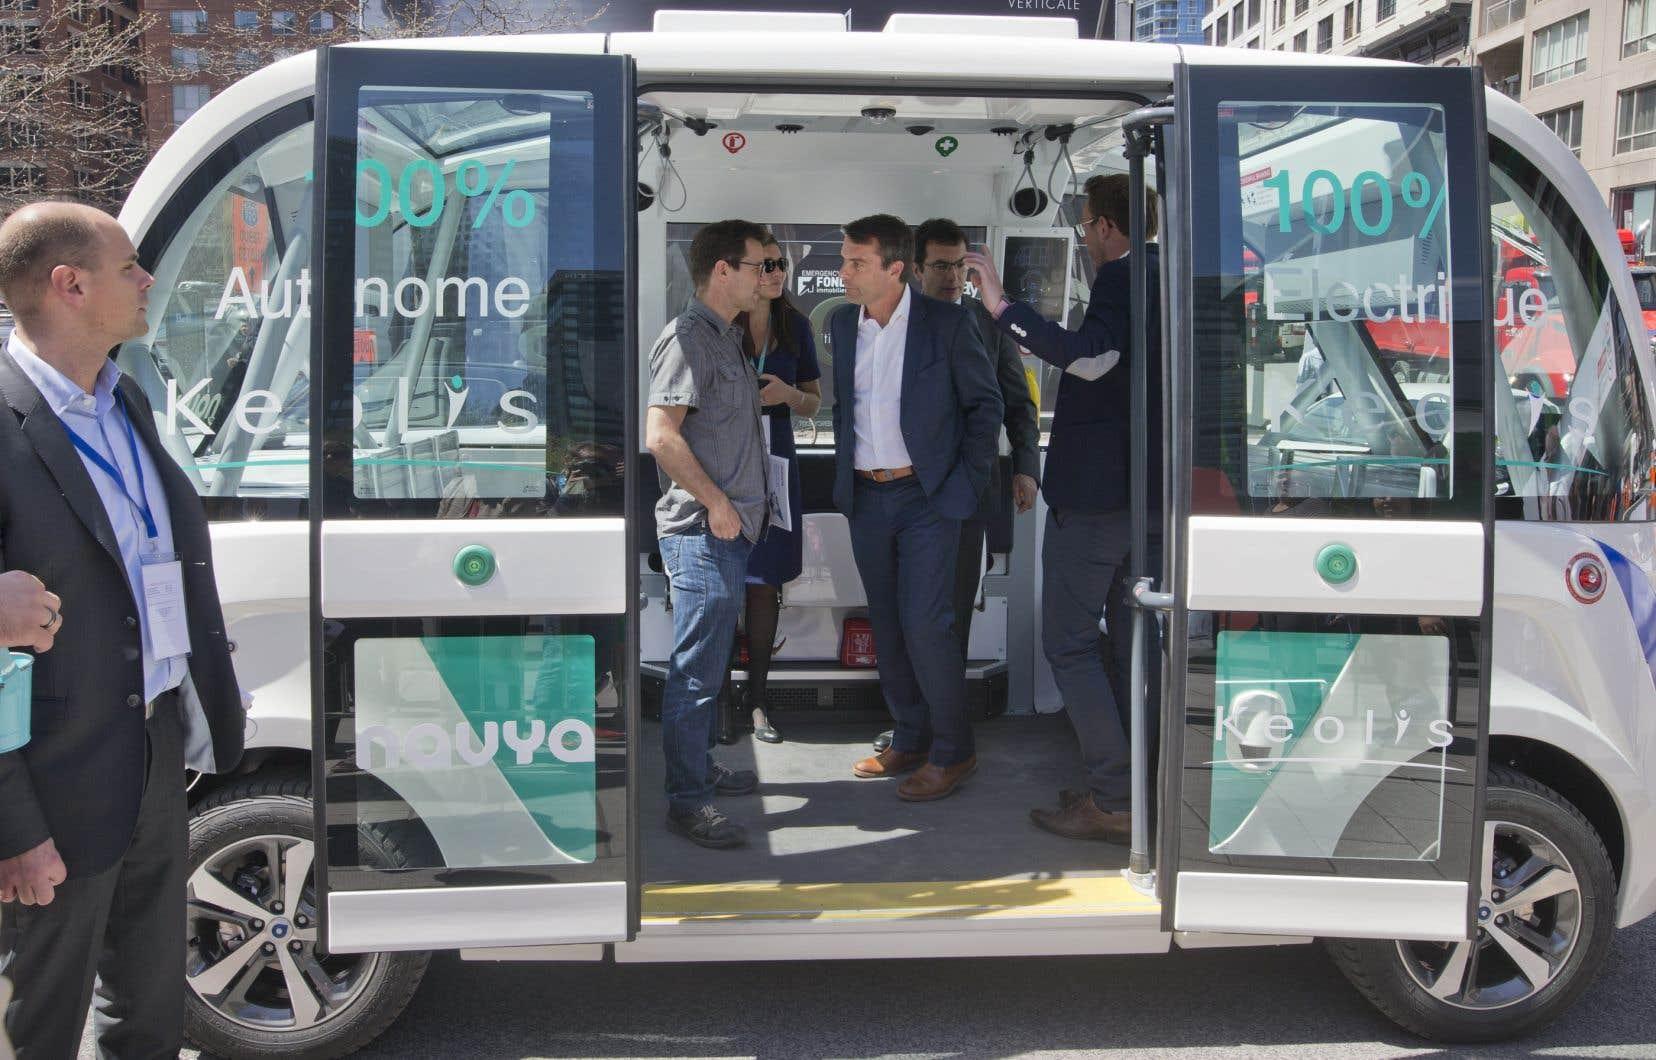 En mai 2017, la Ville de Terrebonne avait annoncé son souhait de lancer un projet-pilote de véhicules «sans chauffeurs» en partenariat avec les sociétés Keolis et Navya.